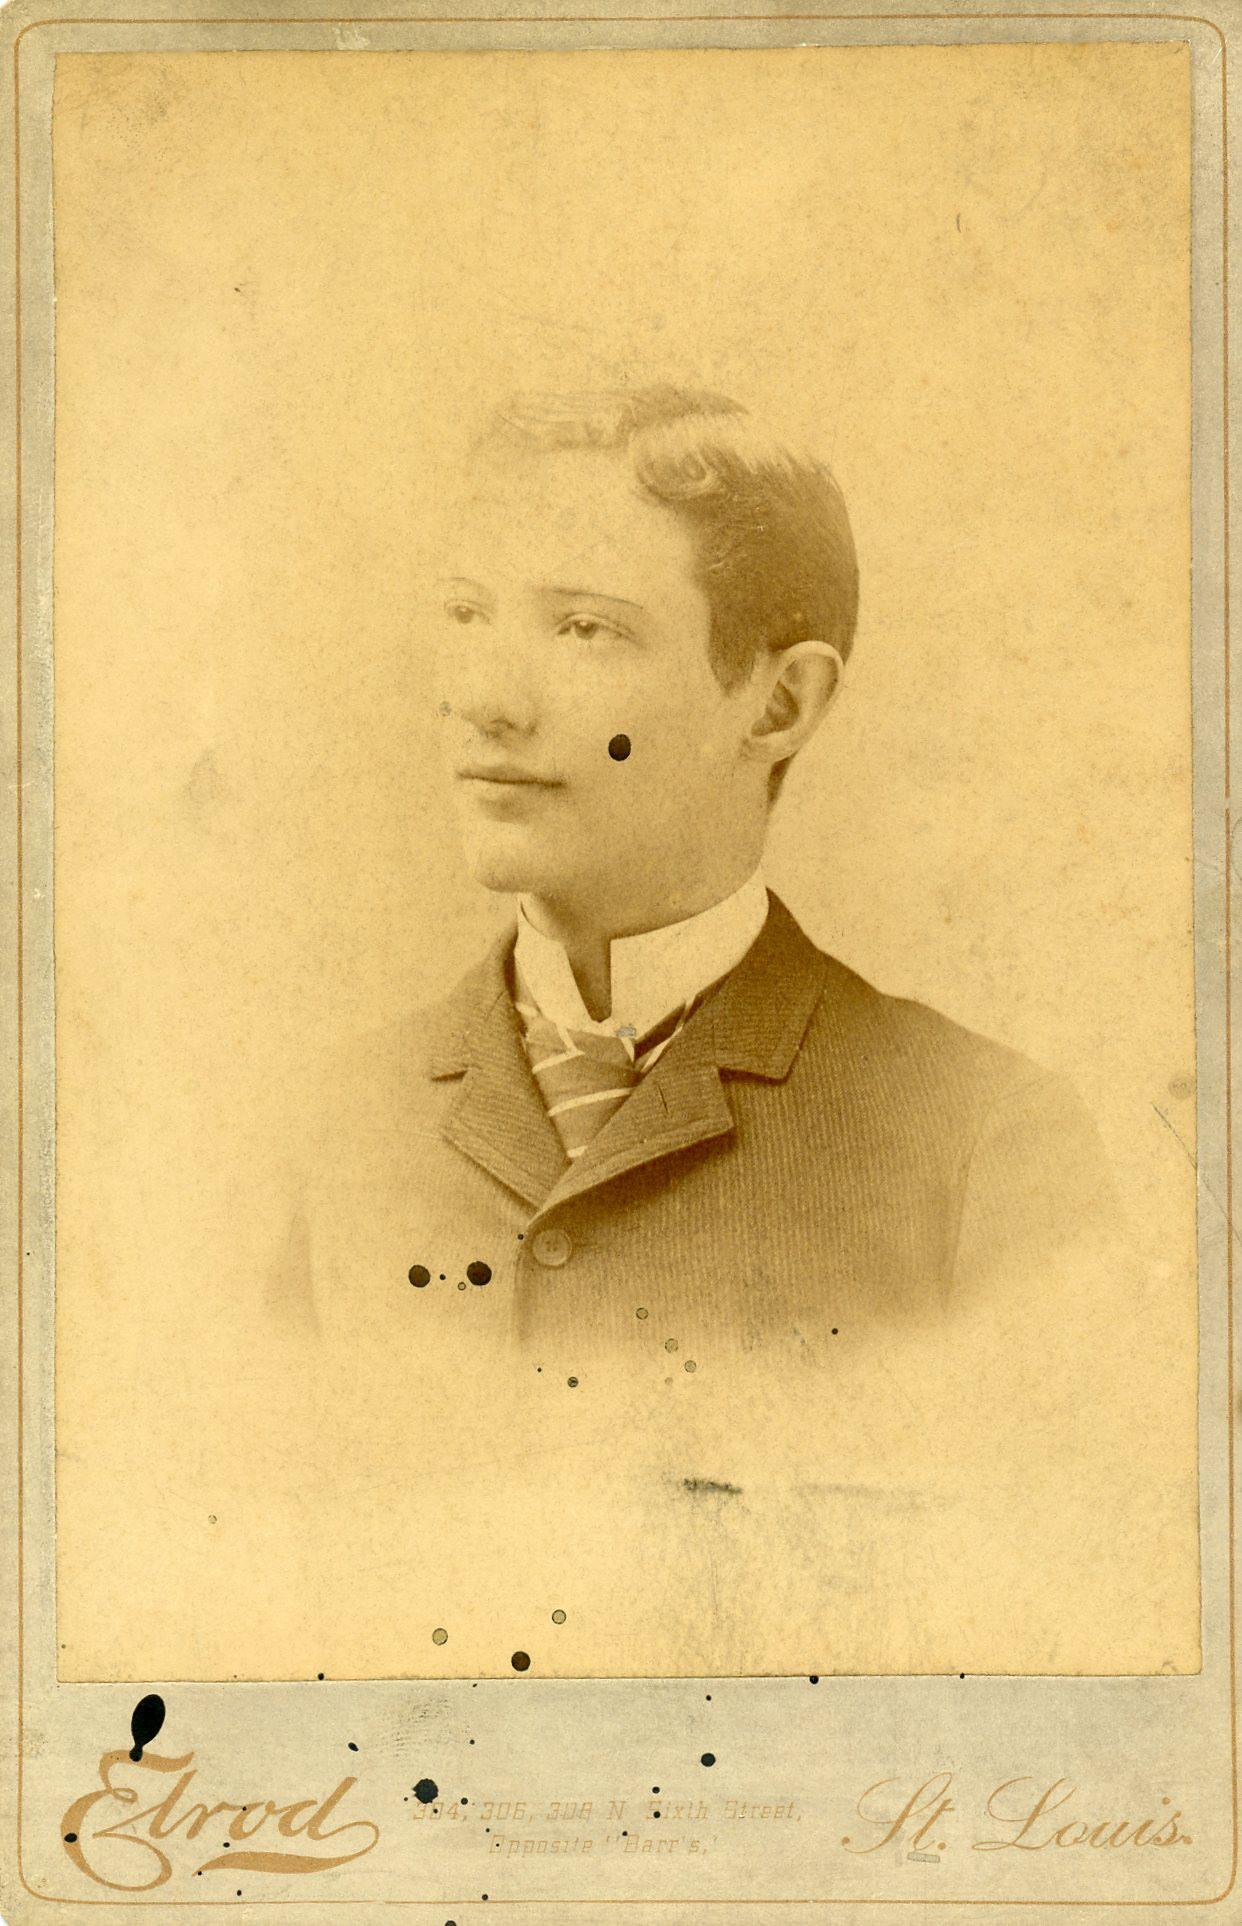 Charles Mack Johnson